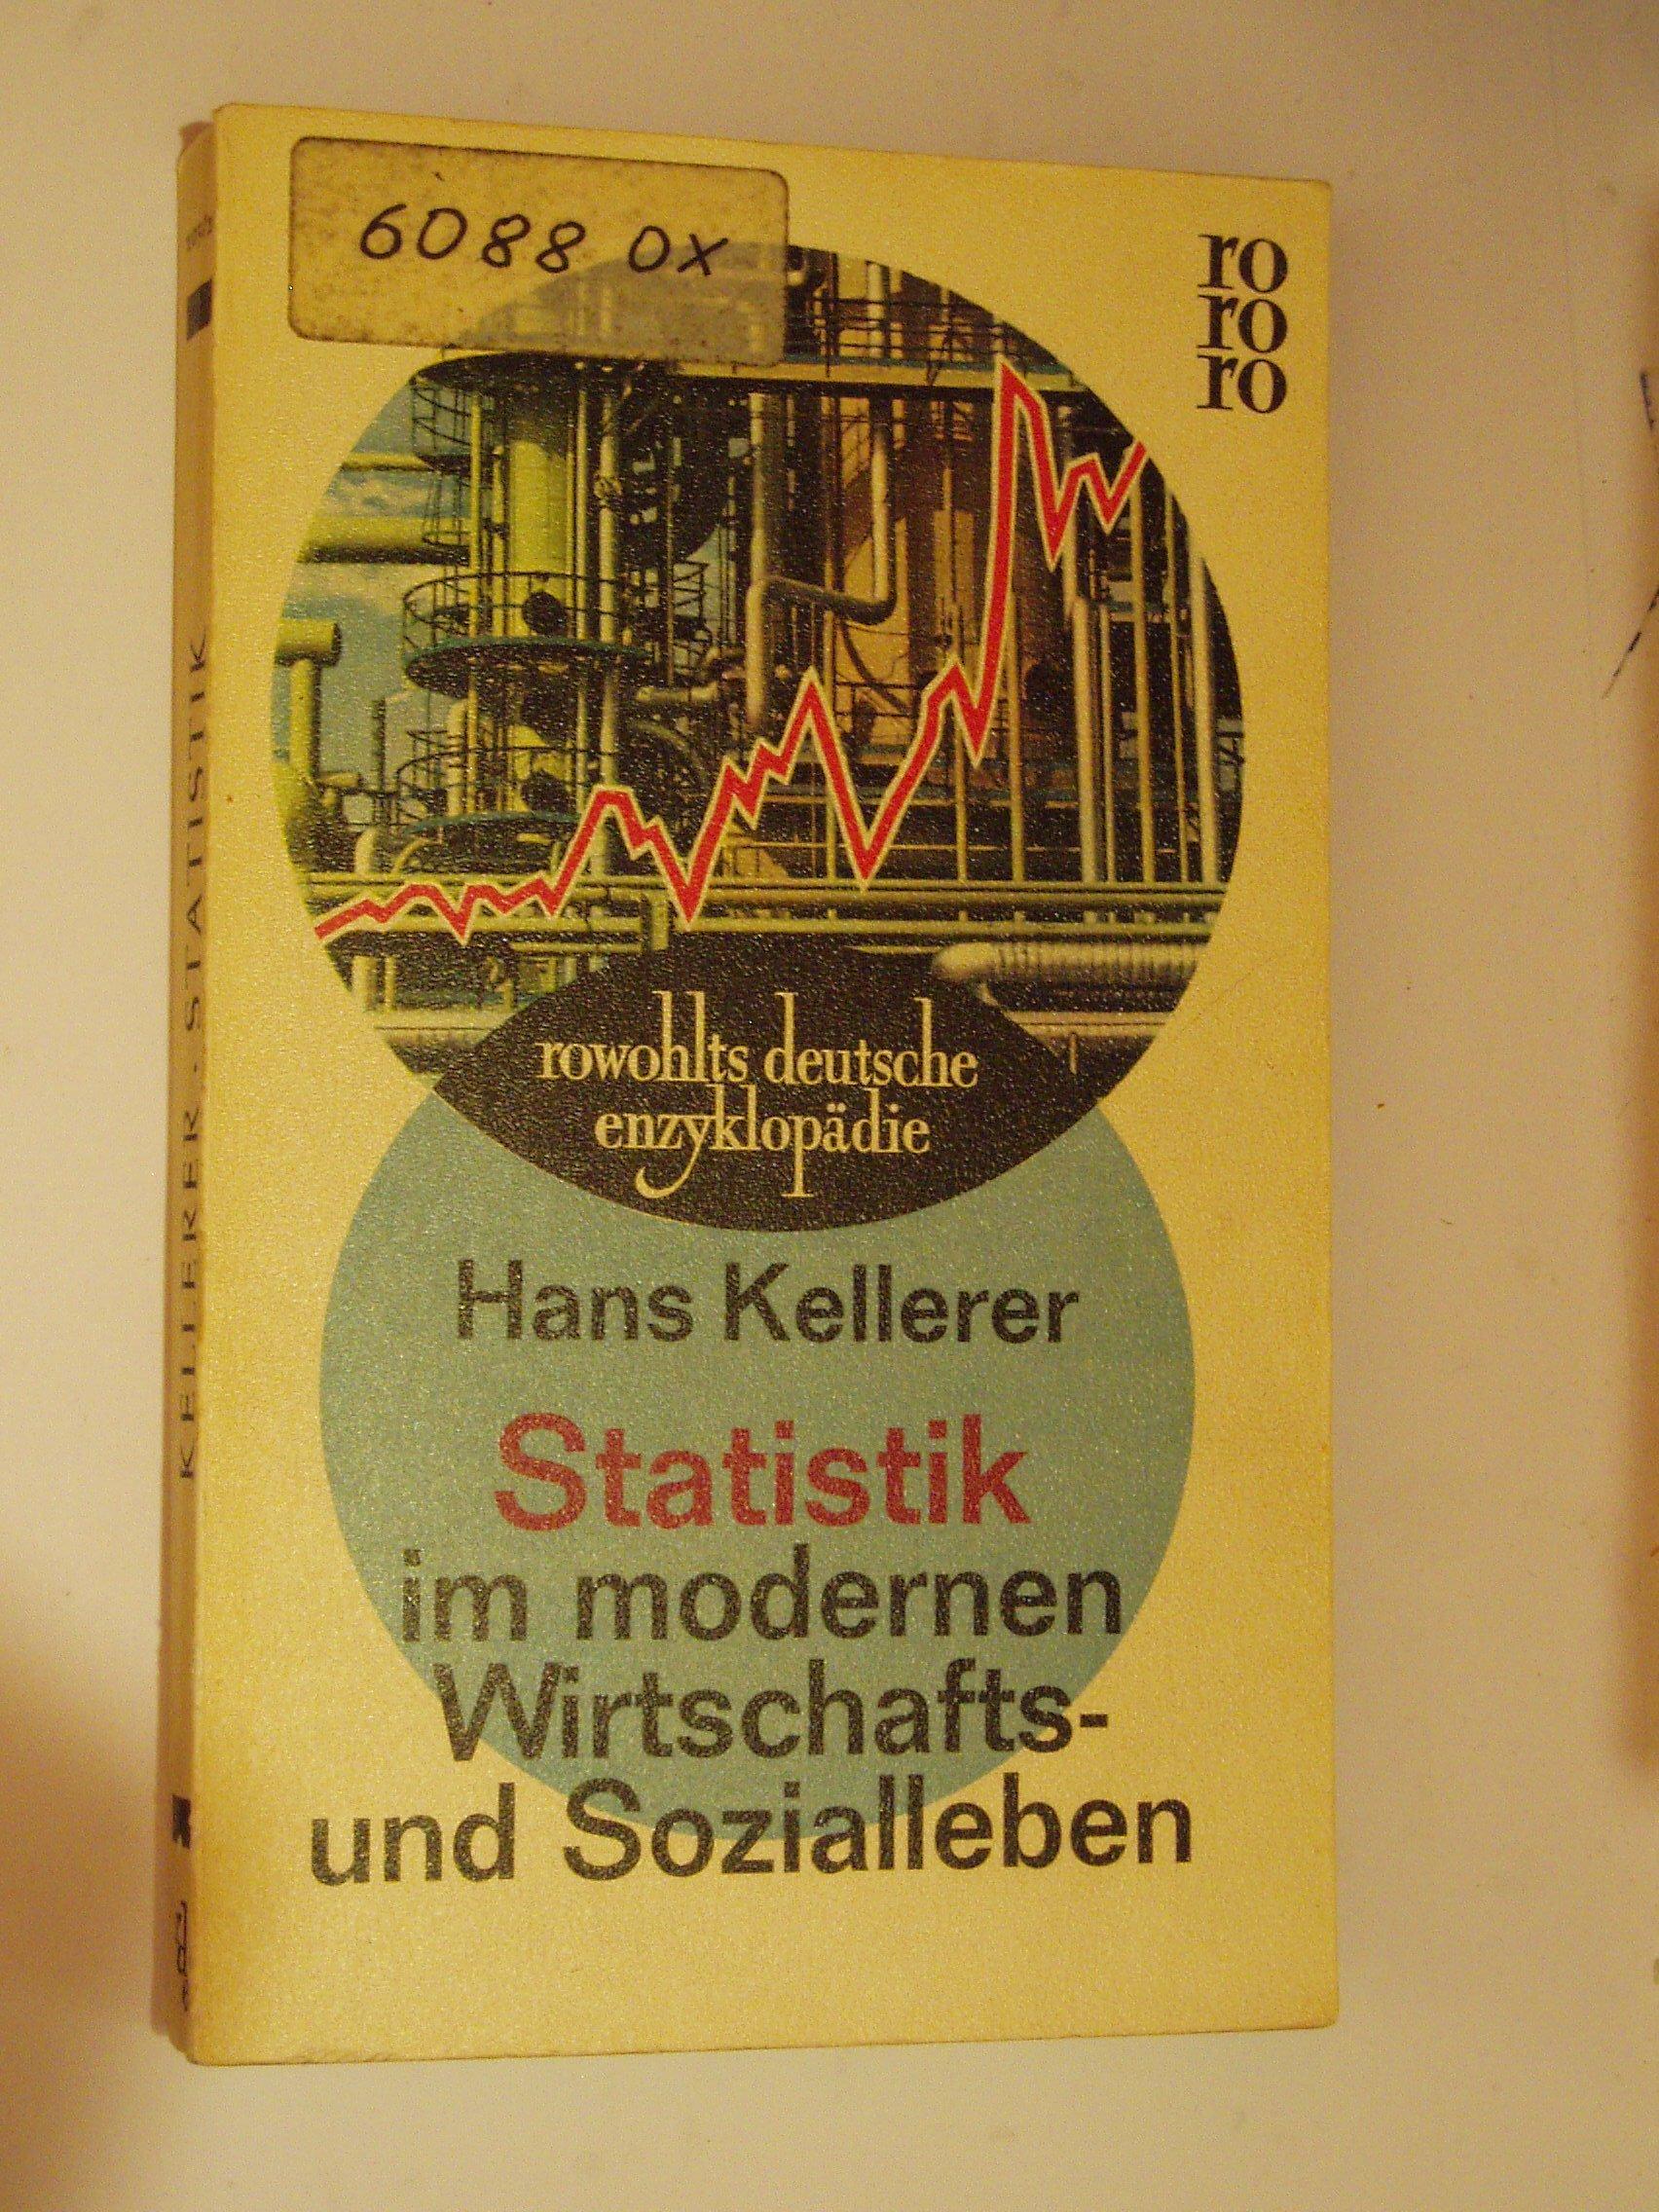 Hans Kellerer  Statistik Im Modernen Wirtschafts  Und Sozialleben